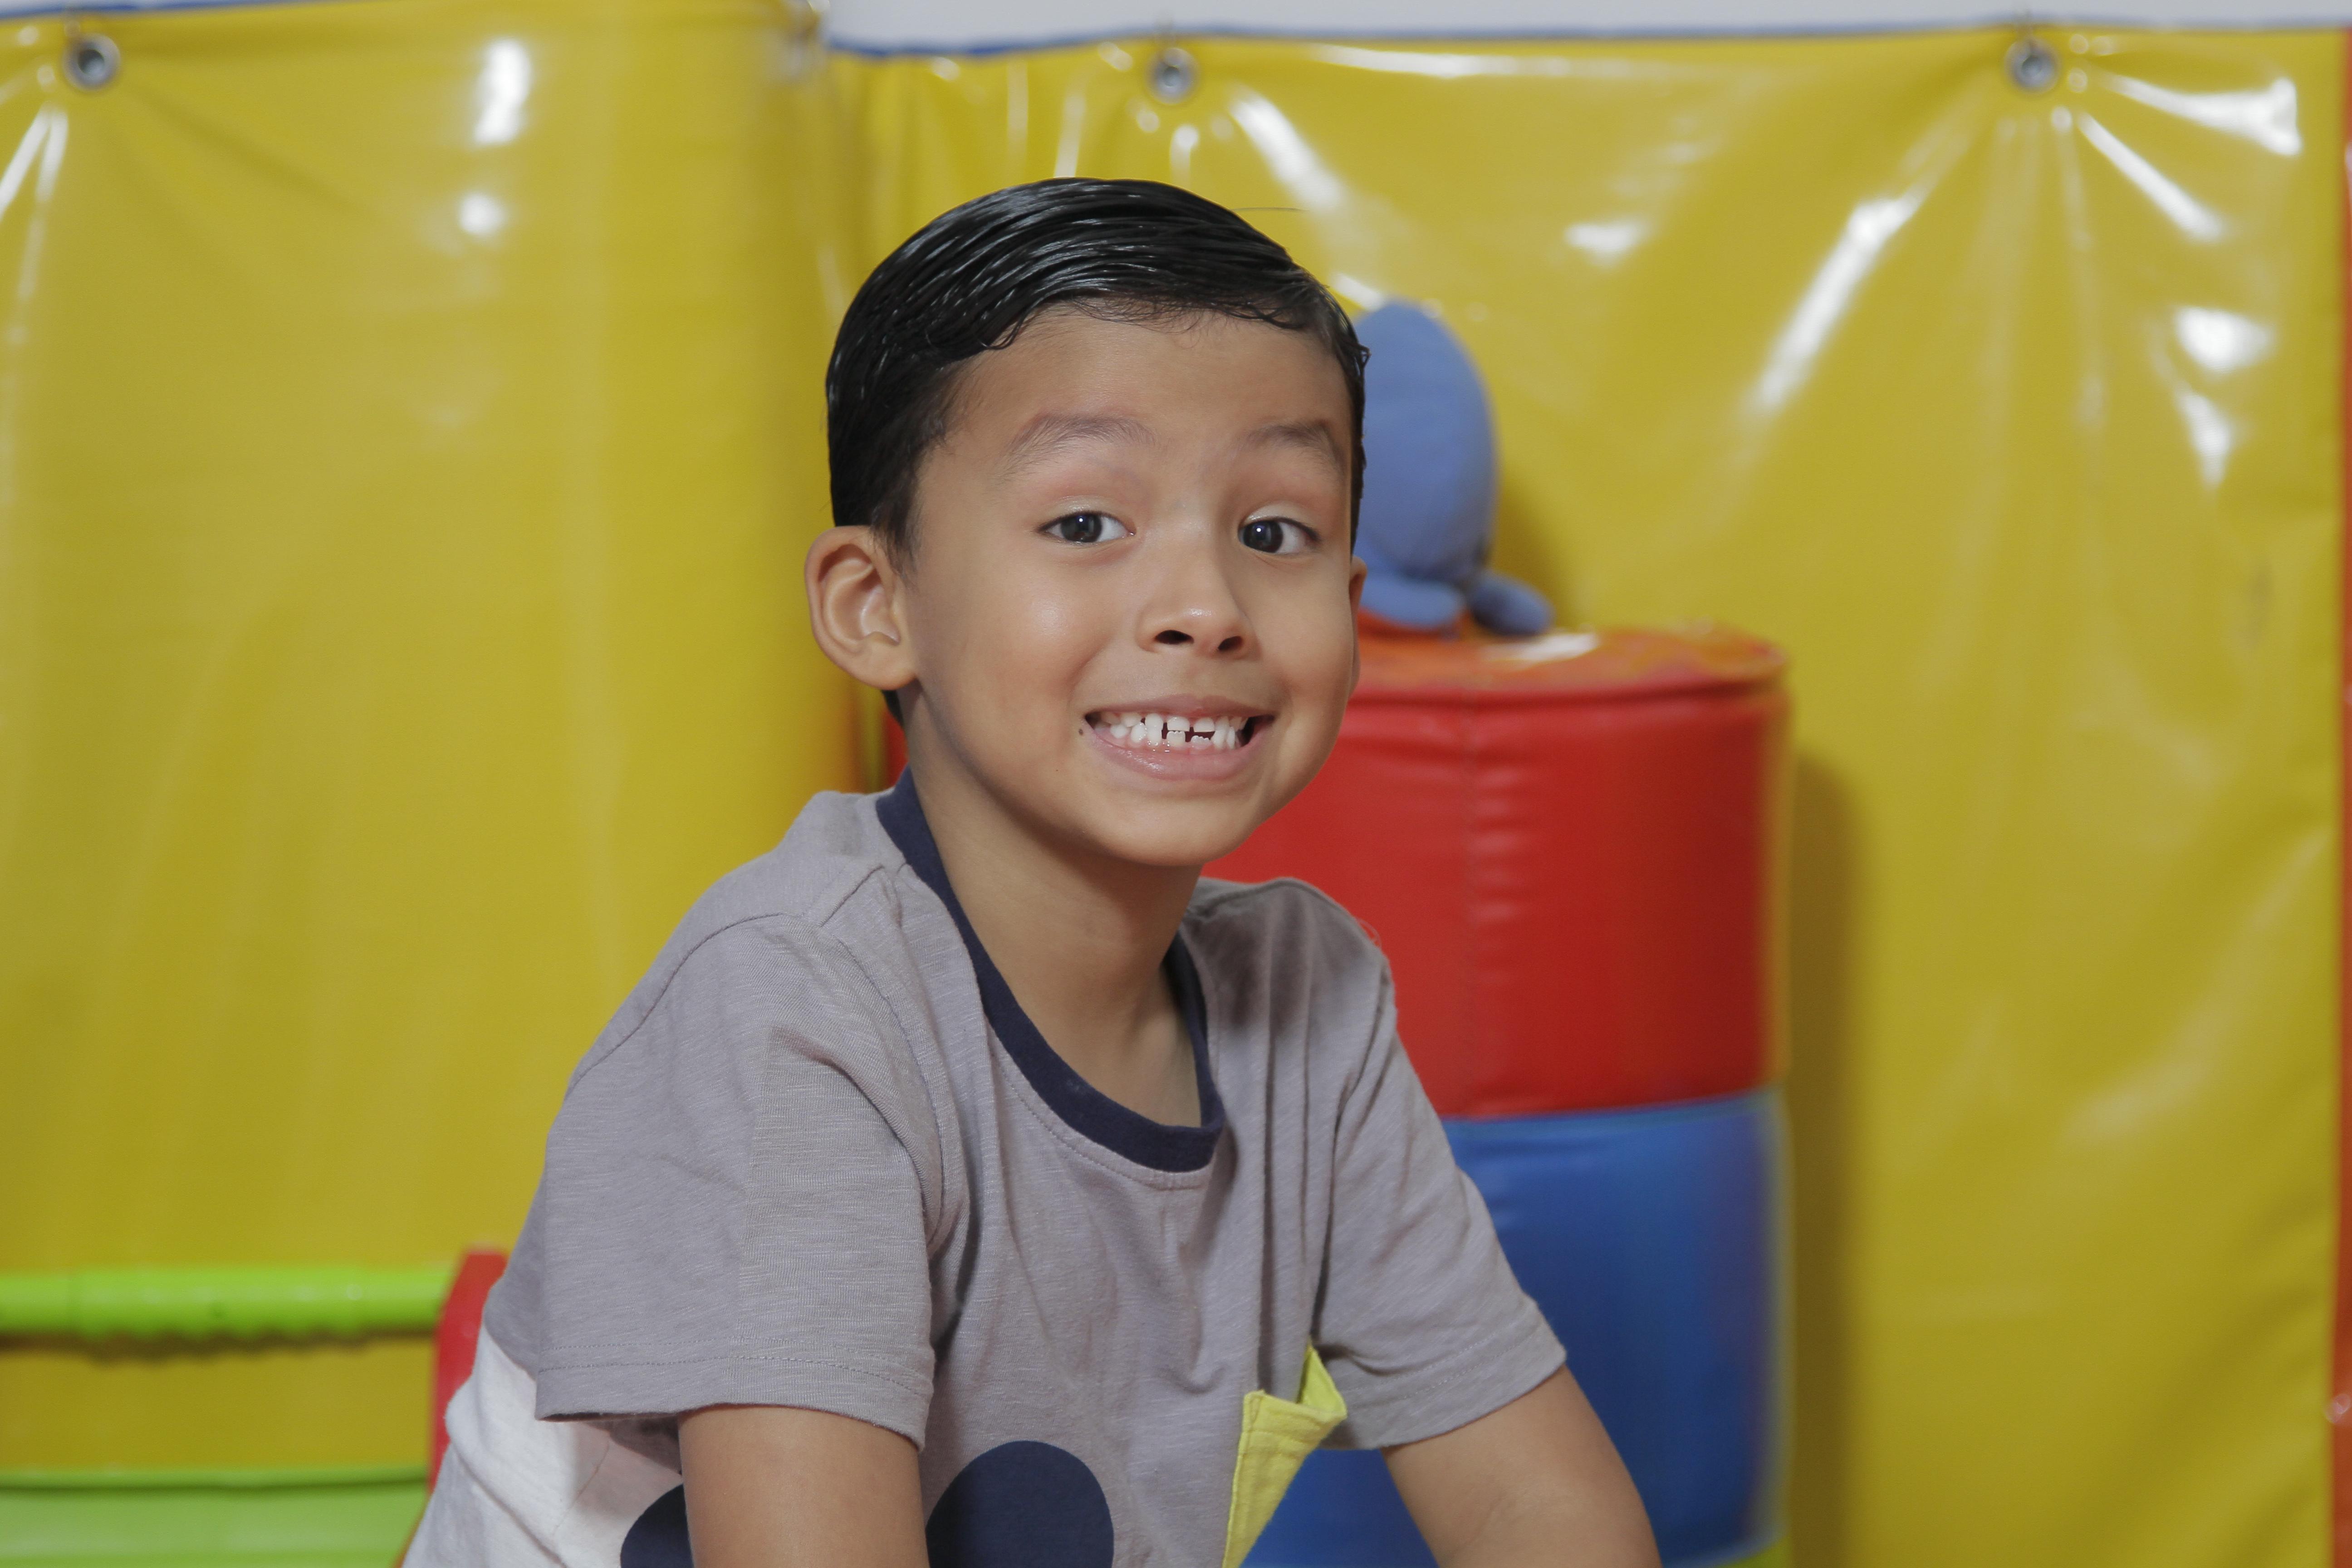 Detección Temprana De Las Alteraciones Del Crecimiento Y Desarrollo En Niños Menores De 10 Años